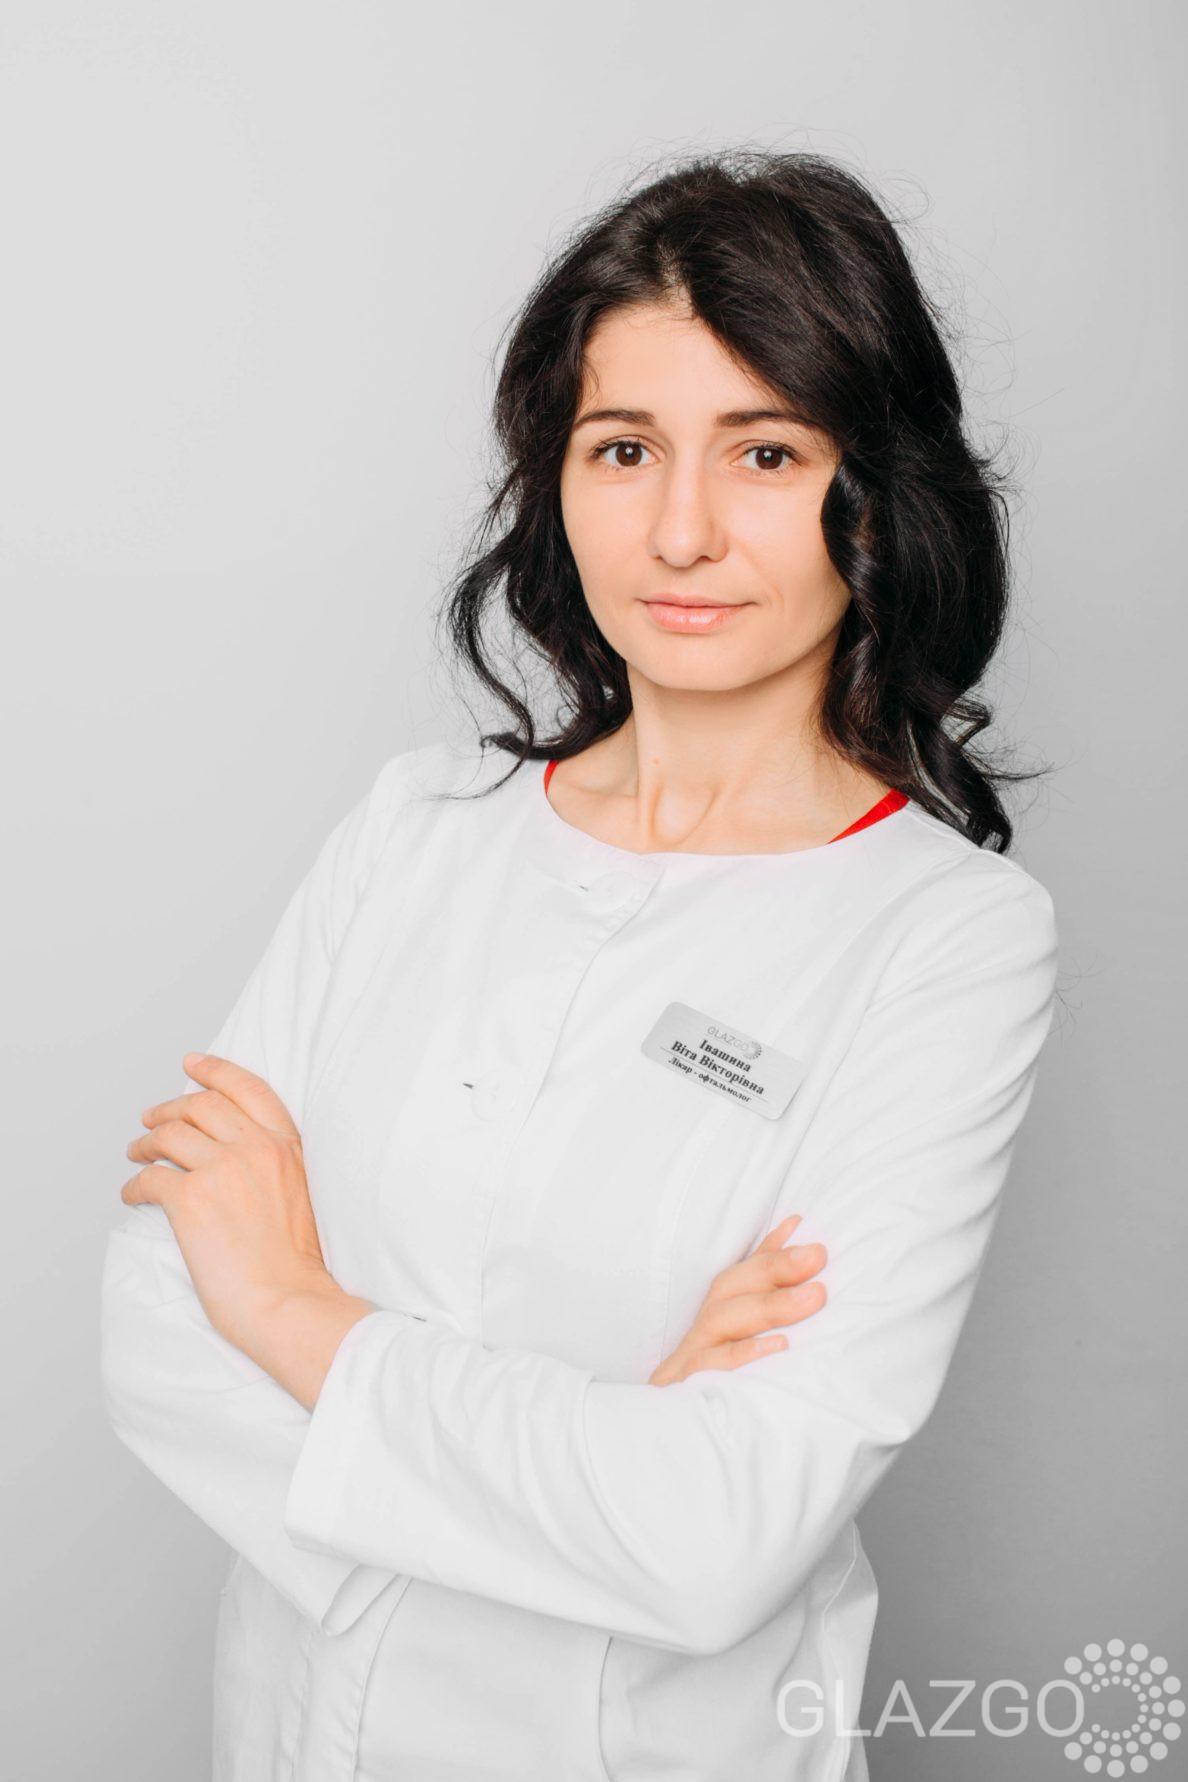 https://glazgo.com.ua/wp-content/uploads/2018/11/Ivashina-Vita-Viktorovna-e1543419214811.jpg